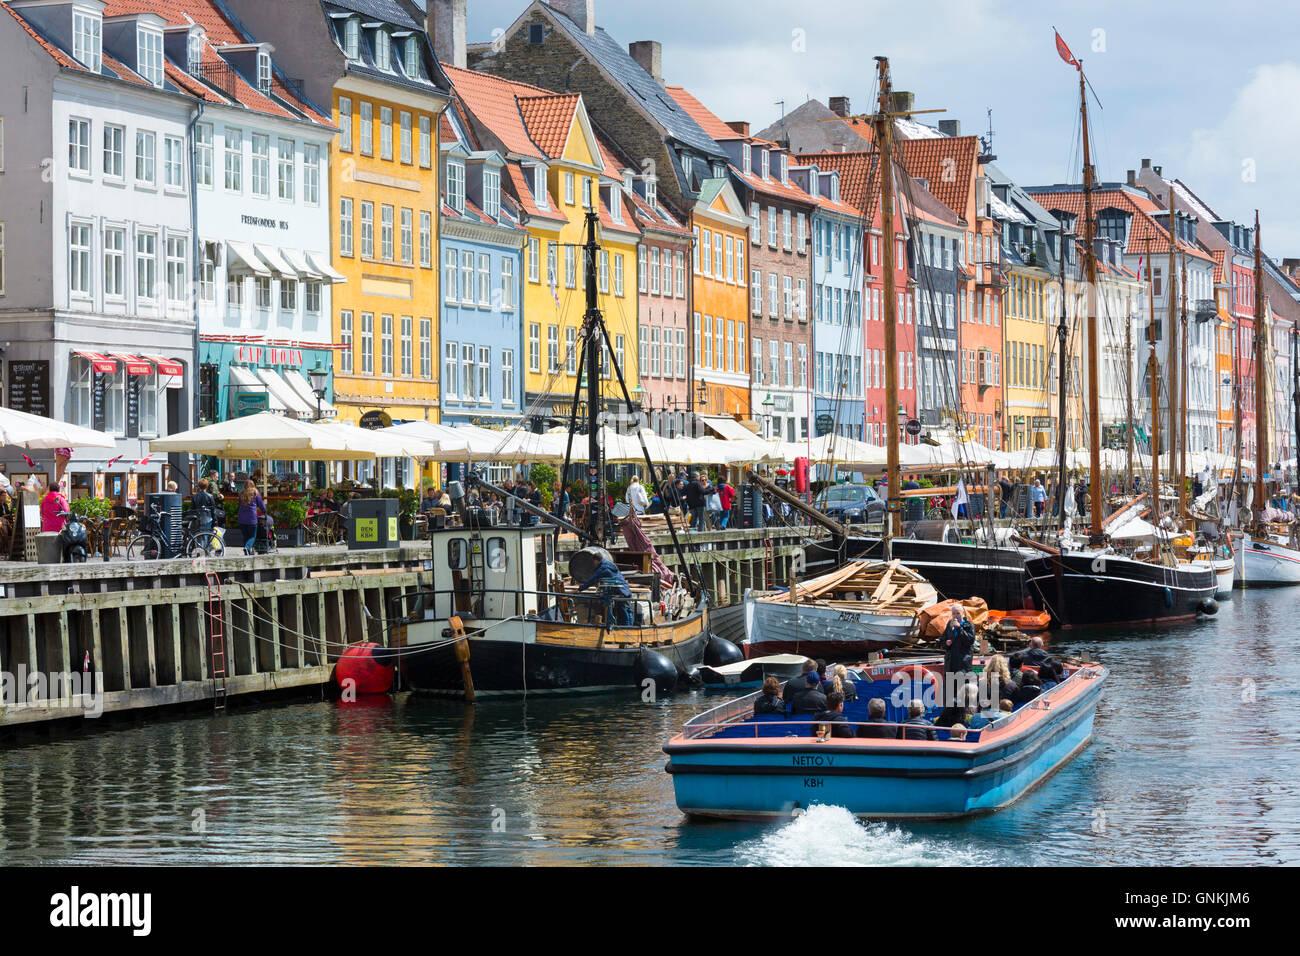 Barche a vela al famoso Nyhavn, xvii secolo waterfront canal e dal quartiere dei divertimenti di Copenaghen, Danimarca Immagini Stock